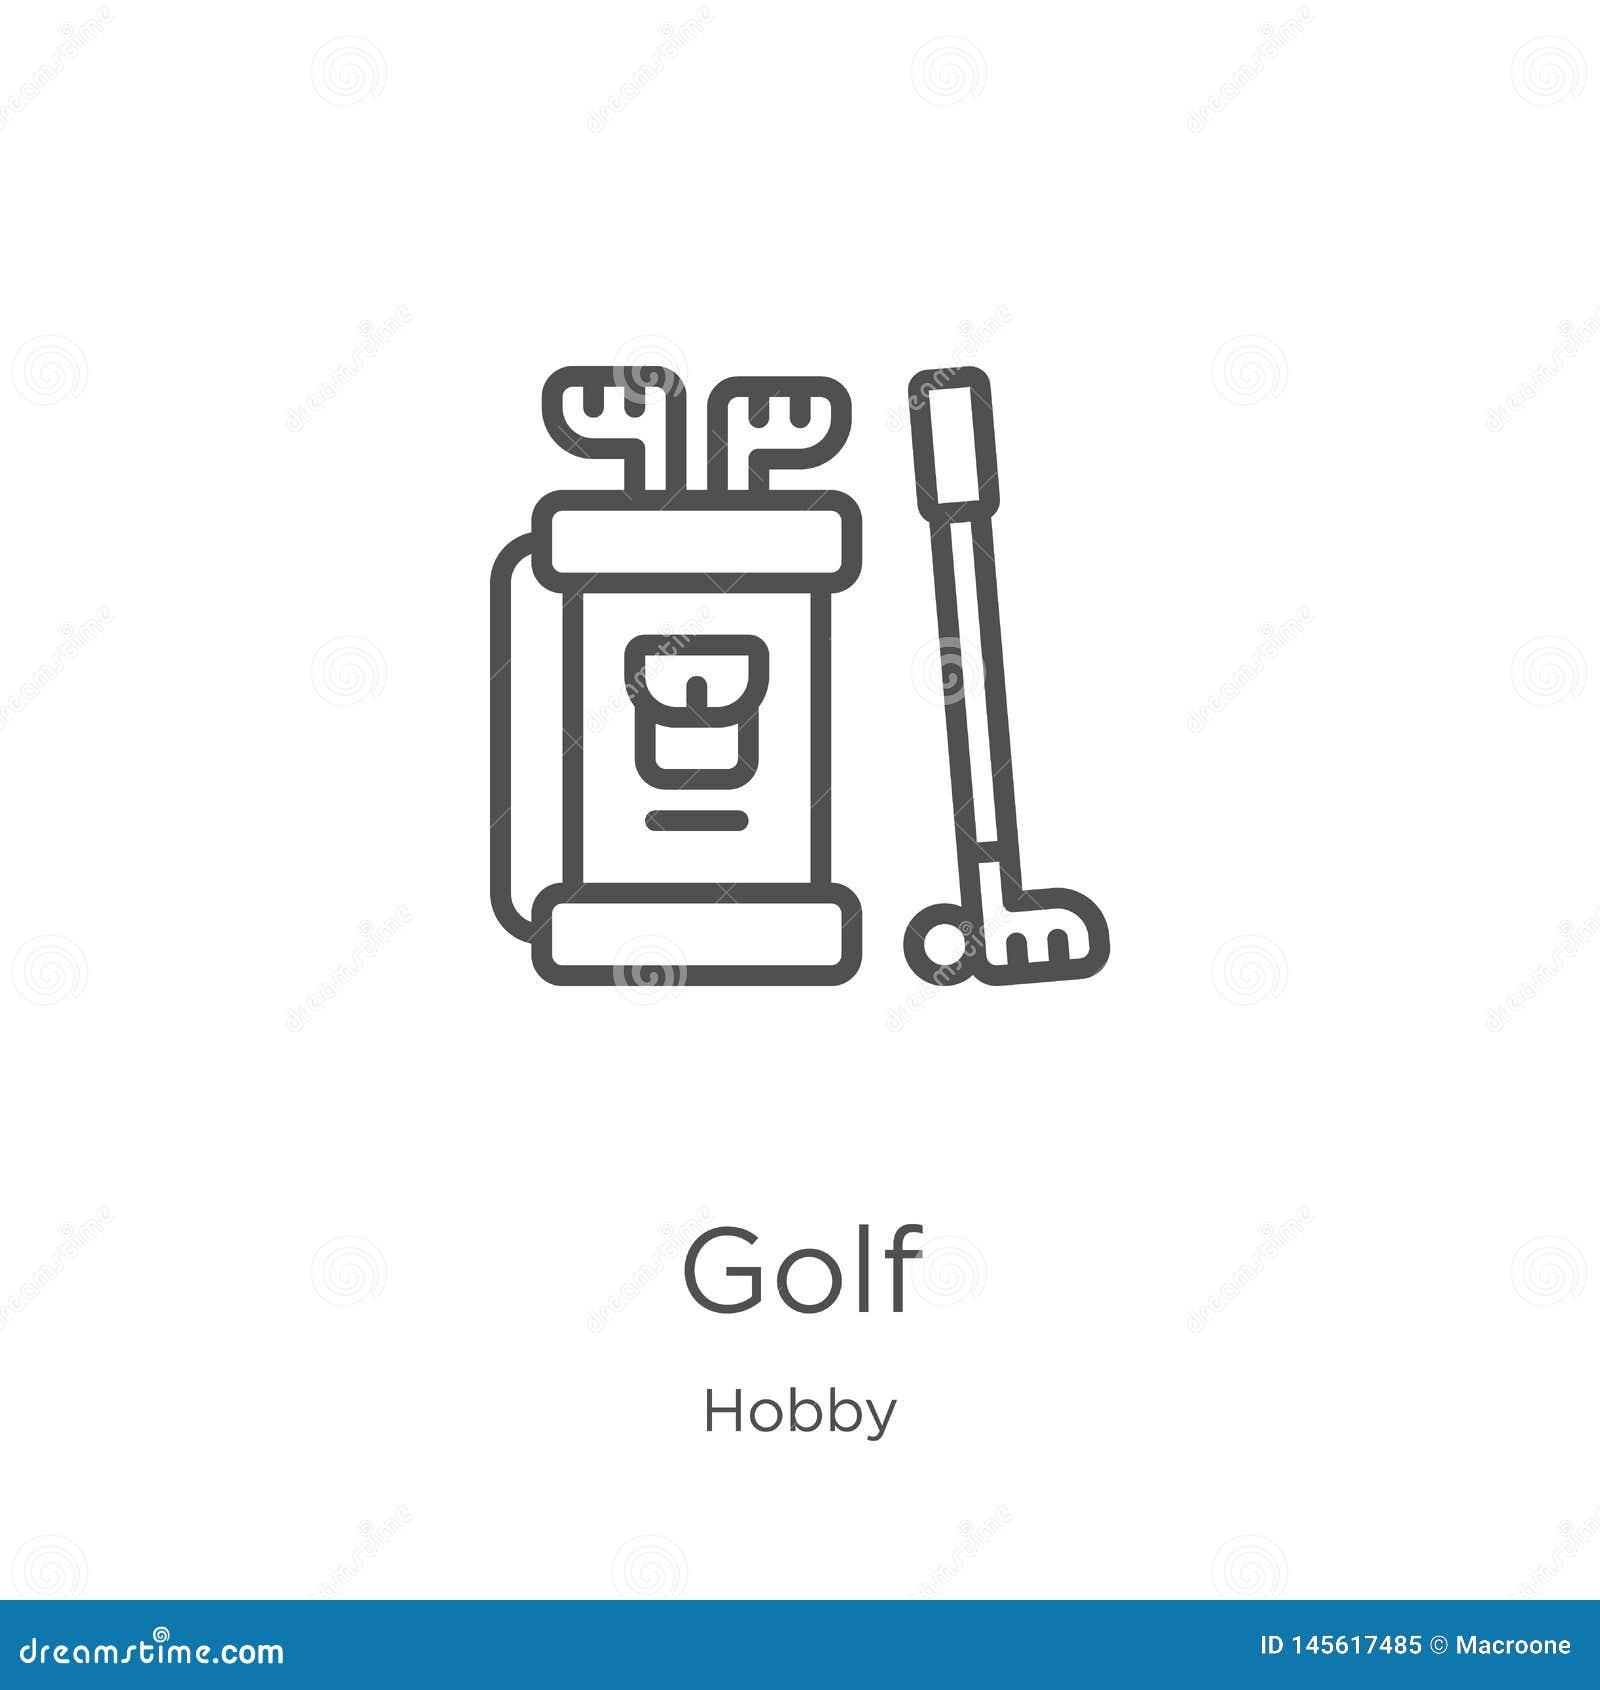 διάνυσμα εικονιδίων γκολφ από τη συλλογή χόμπι Λεπτή διανυσματική απεικόνιση εικονιδίων περιλήψεων γκολφ γραμμών Περίληψη, λεπτό